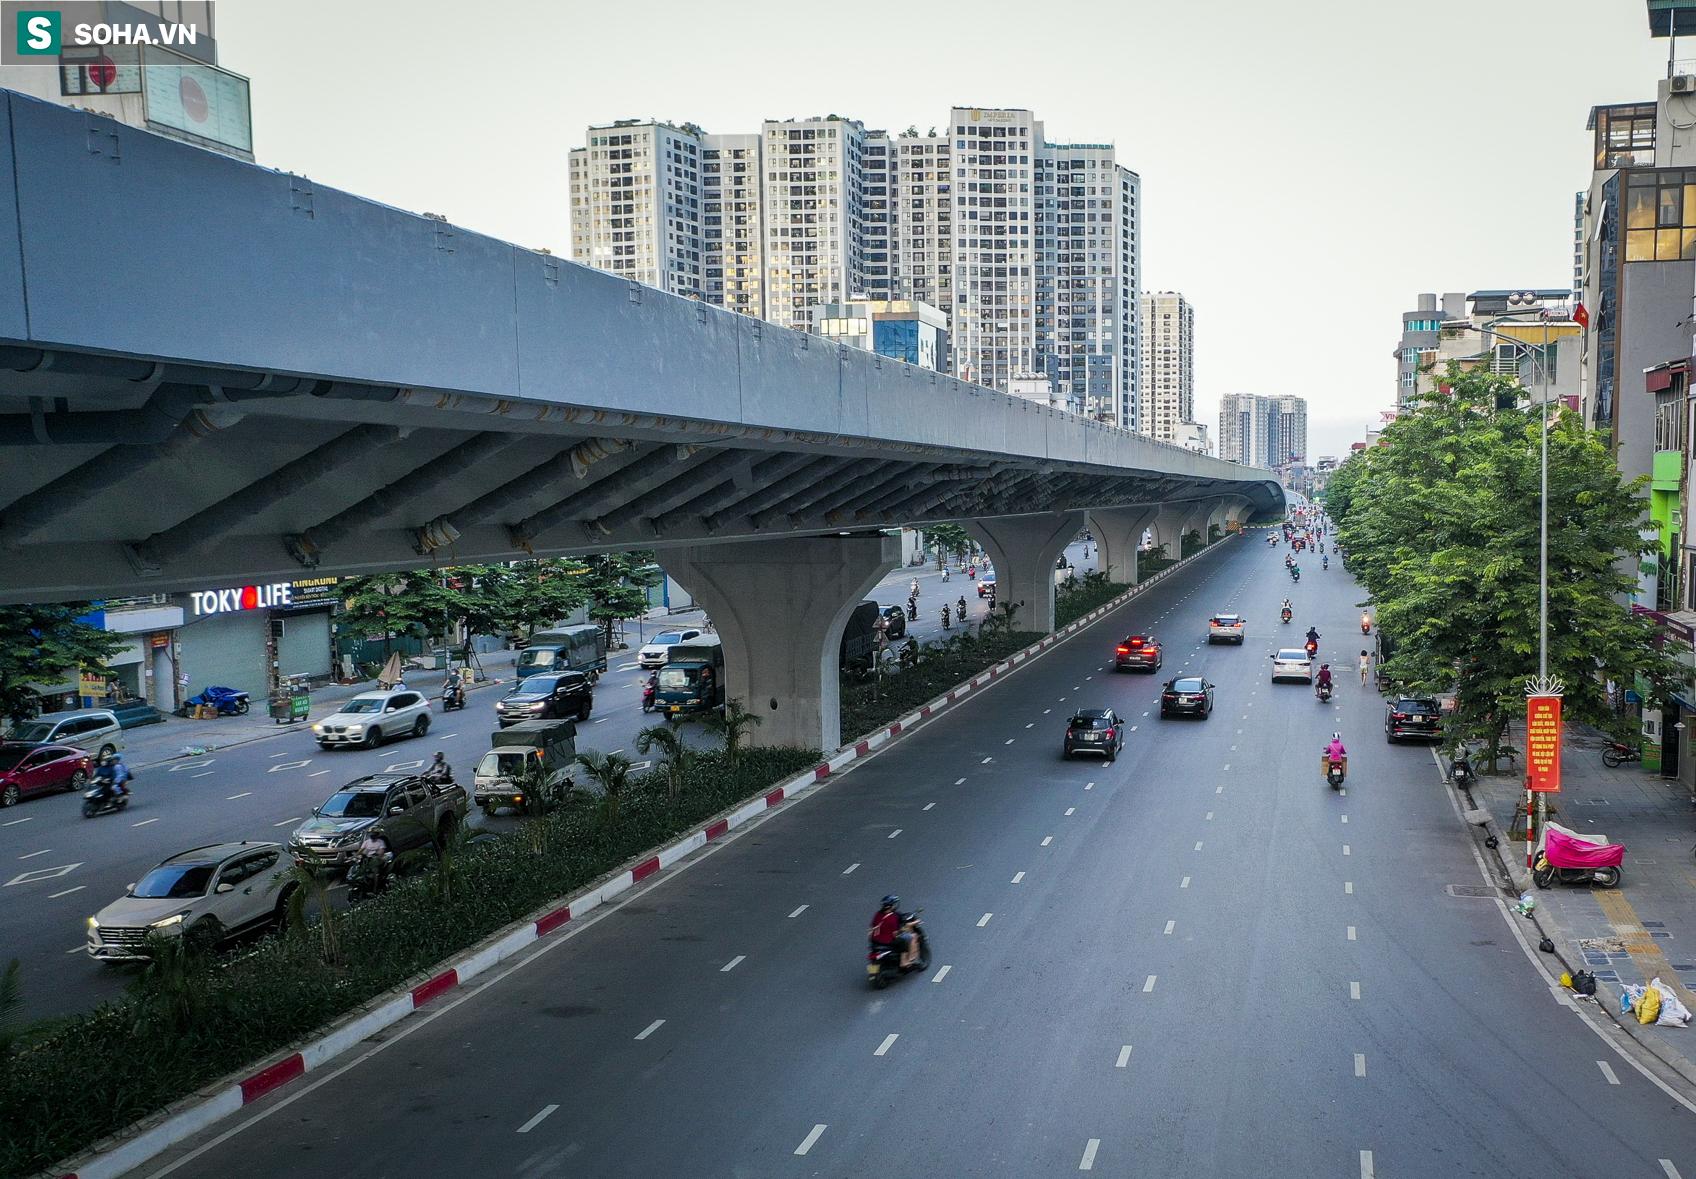 Hà Nội: Con đường đau khổ sắp chấm dứt, lộ diện hình hài của tuyến đường trị giá gần 10.000 tỷ - Ảnh 14.